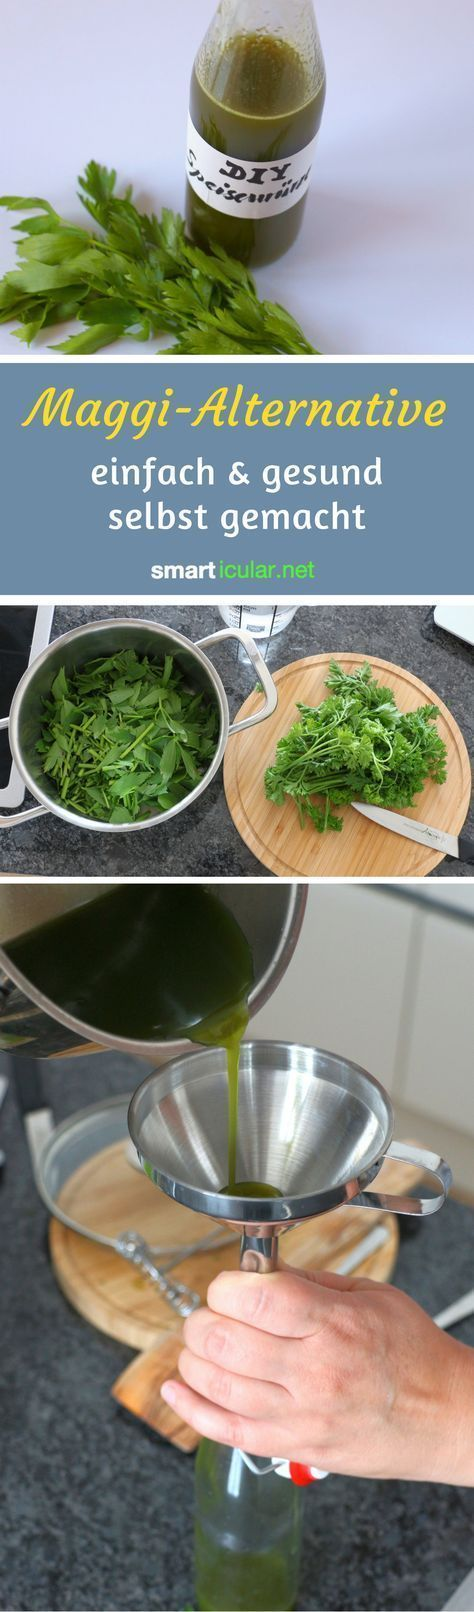 Mit diesem einfachen Rezept kannst du auf künstliche Aromen und Geschmacksverstärker verzichten und deine Speisen trotzdem mit dem typischen Maggi-Aroma verfeinern.